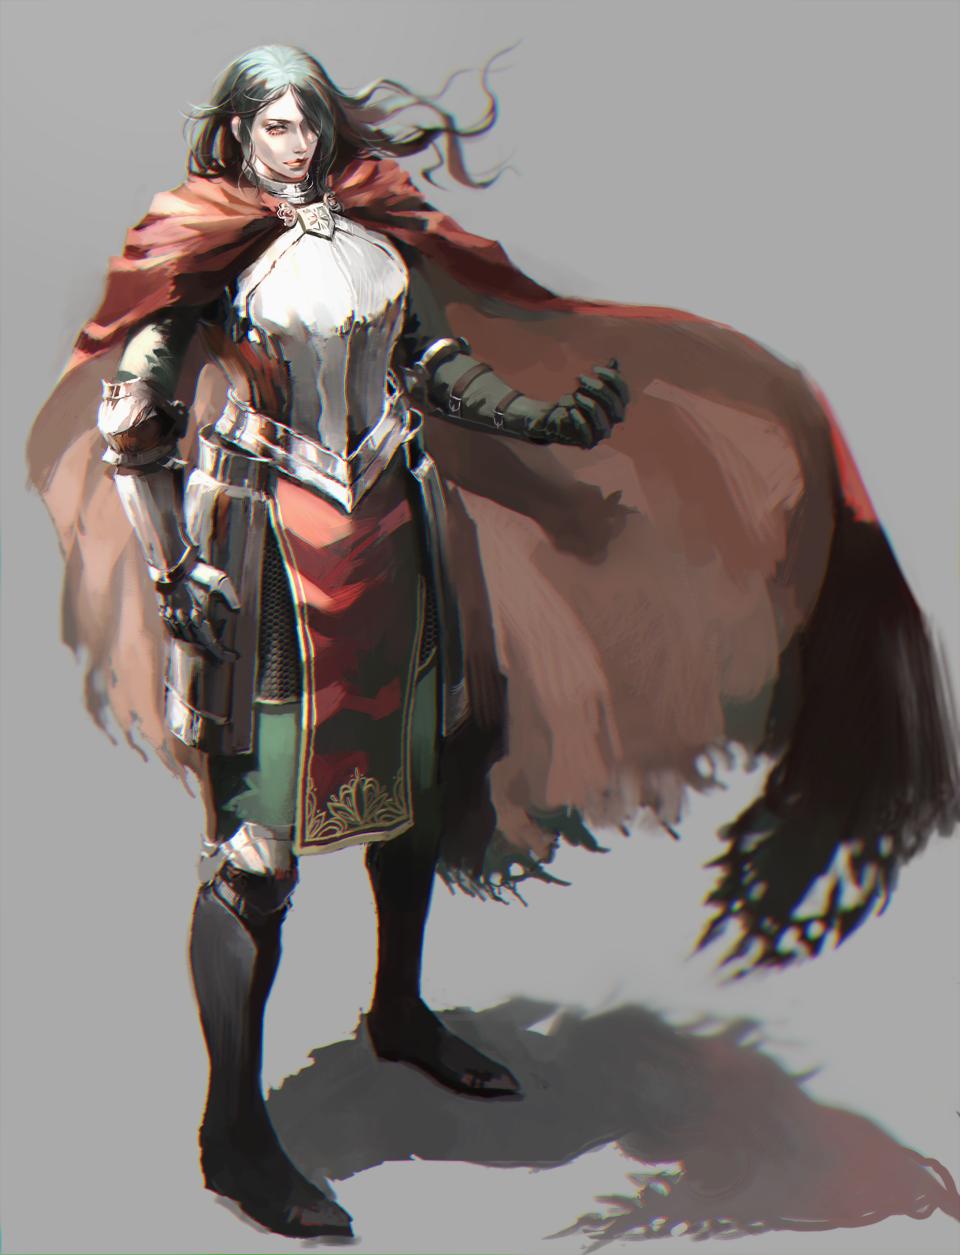 謎甲冑のおっさん Illust of 今川ムキムキファービー medibangpaint impasto 青年 original 騎士